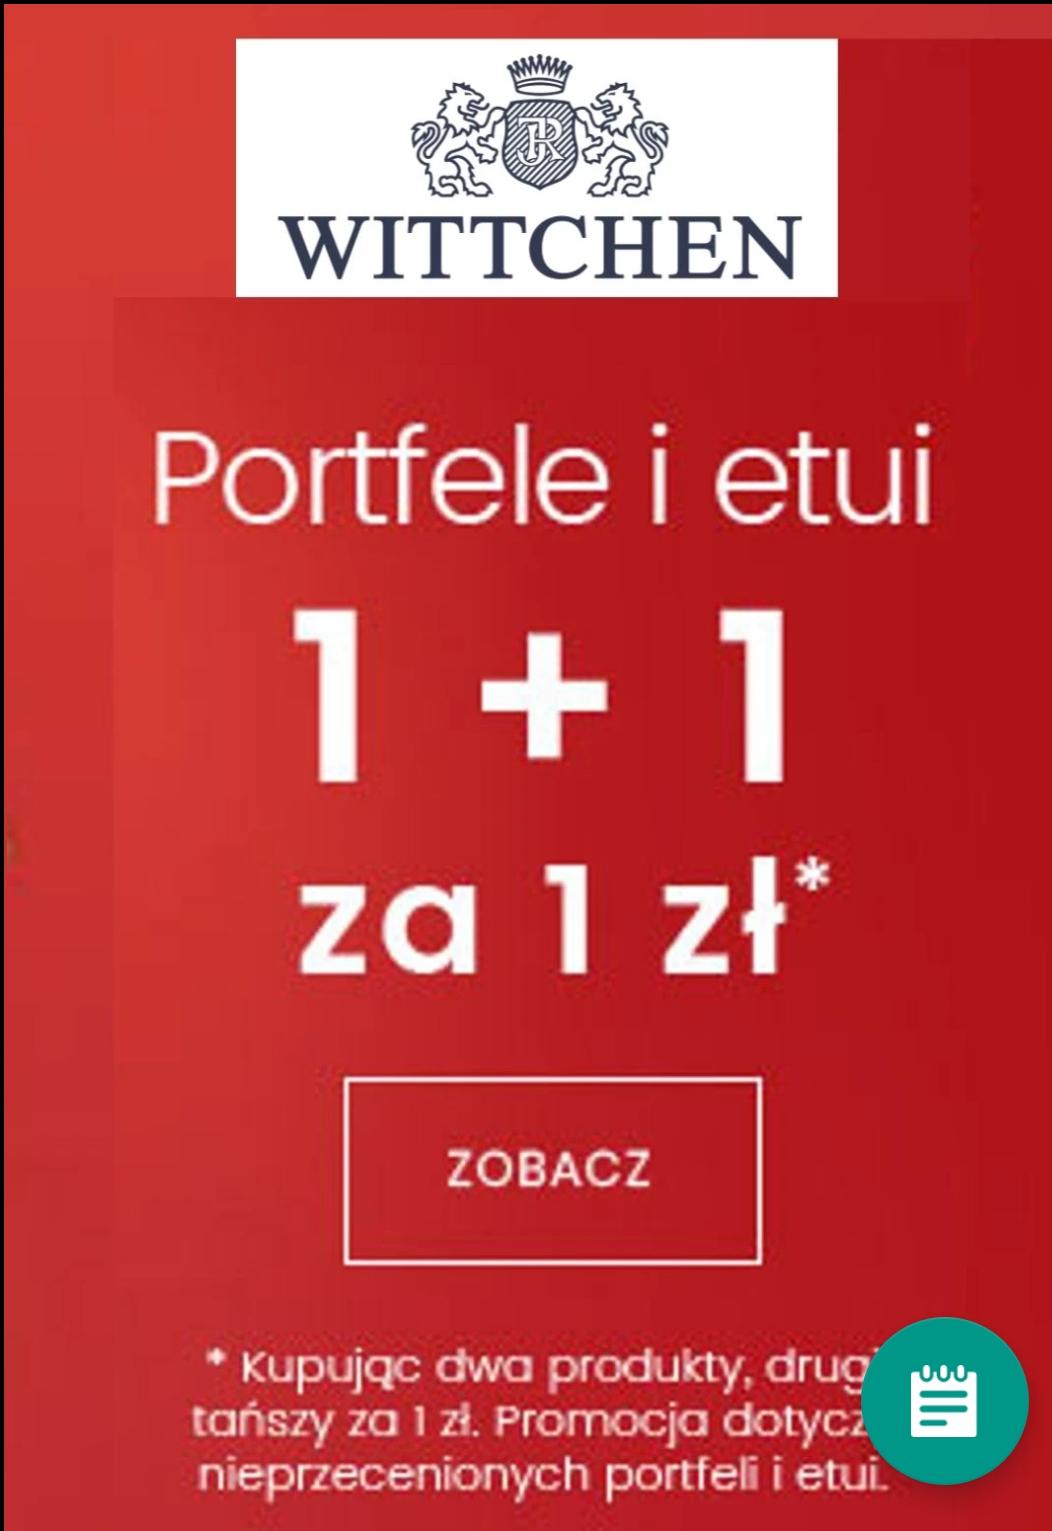 Dwie promocje  WITTCHEN:  1+1 za złotówke oraz happy days do -70 %z